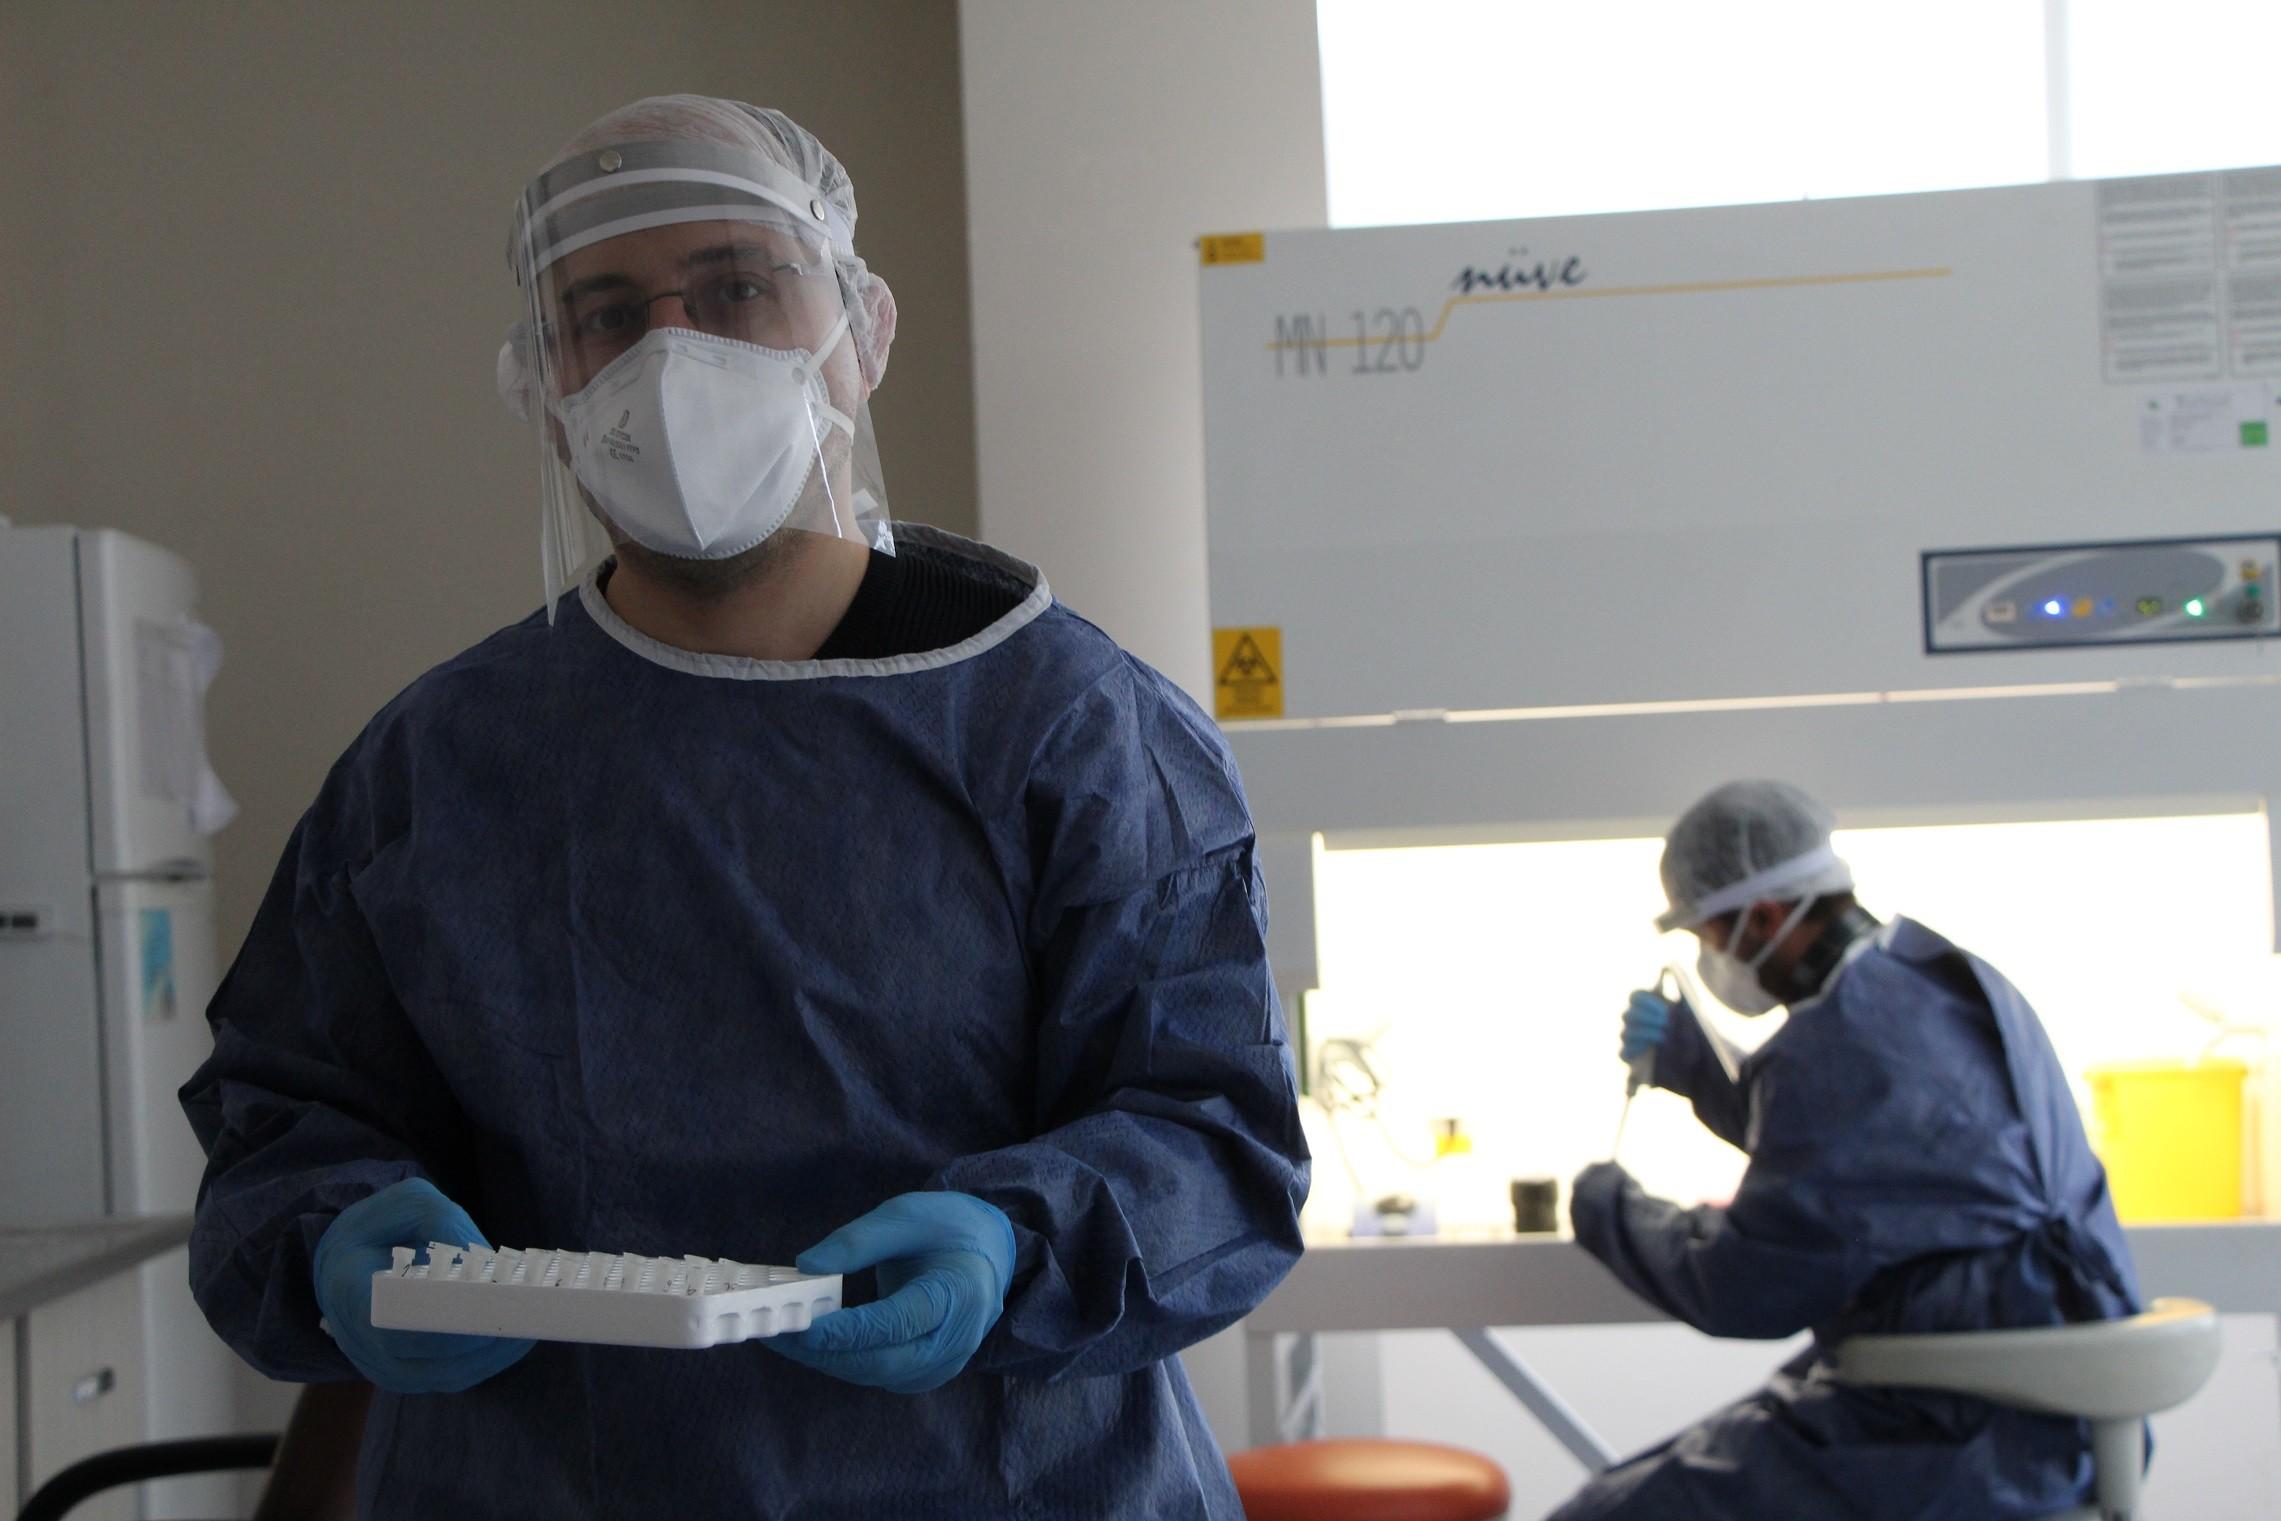 Bingöl'e Covid-19 test Laboratuvarı kuruldu, testler yapılmaya başlandı